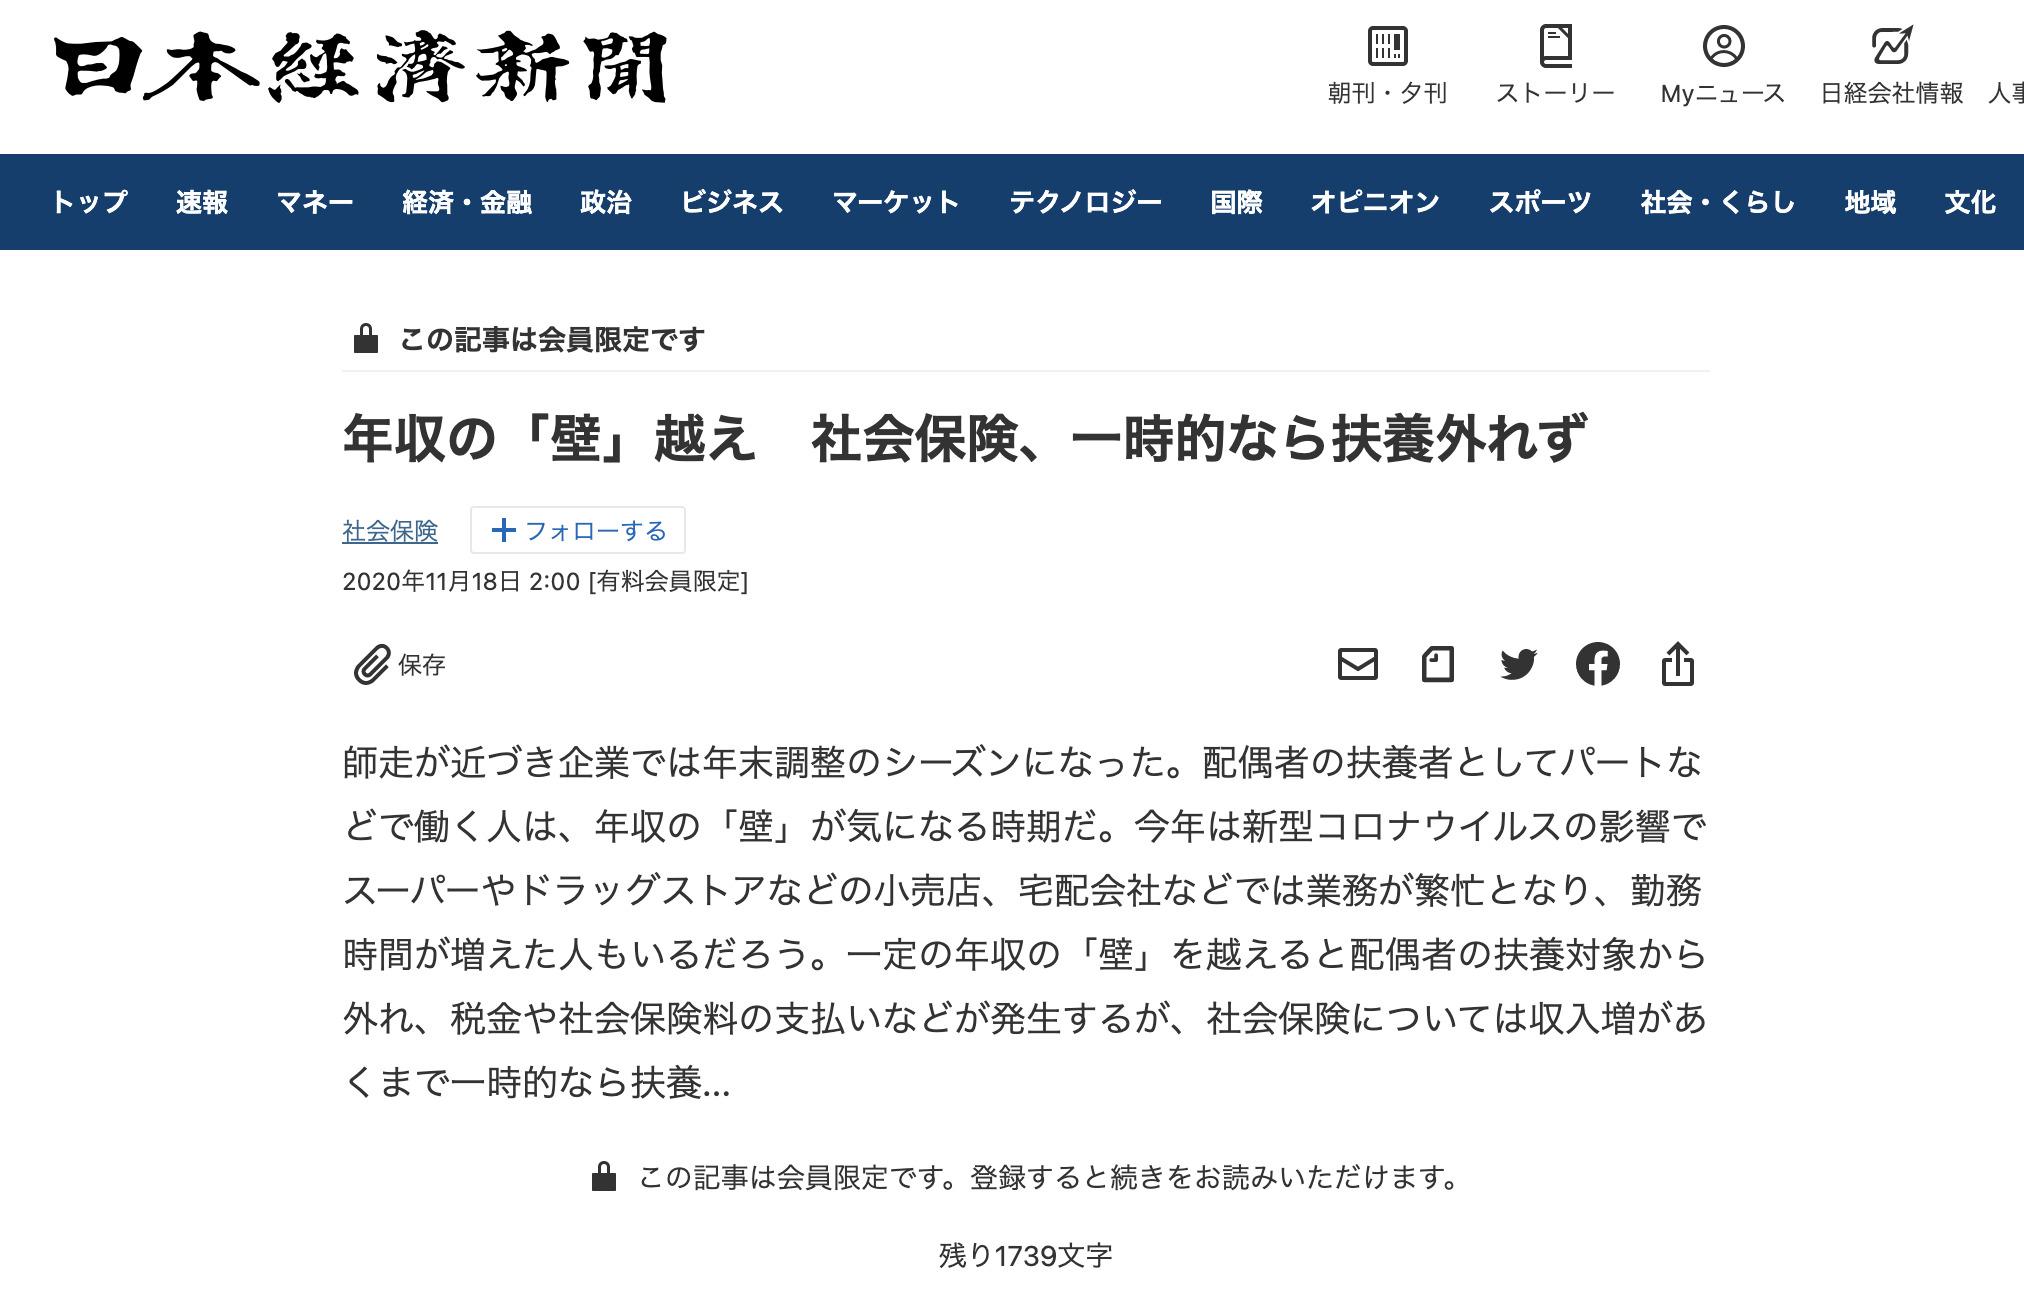 2020年11月18日日本経済新聞電子版